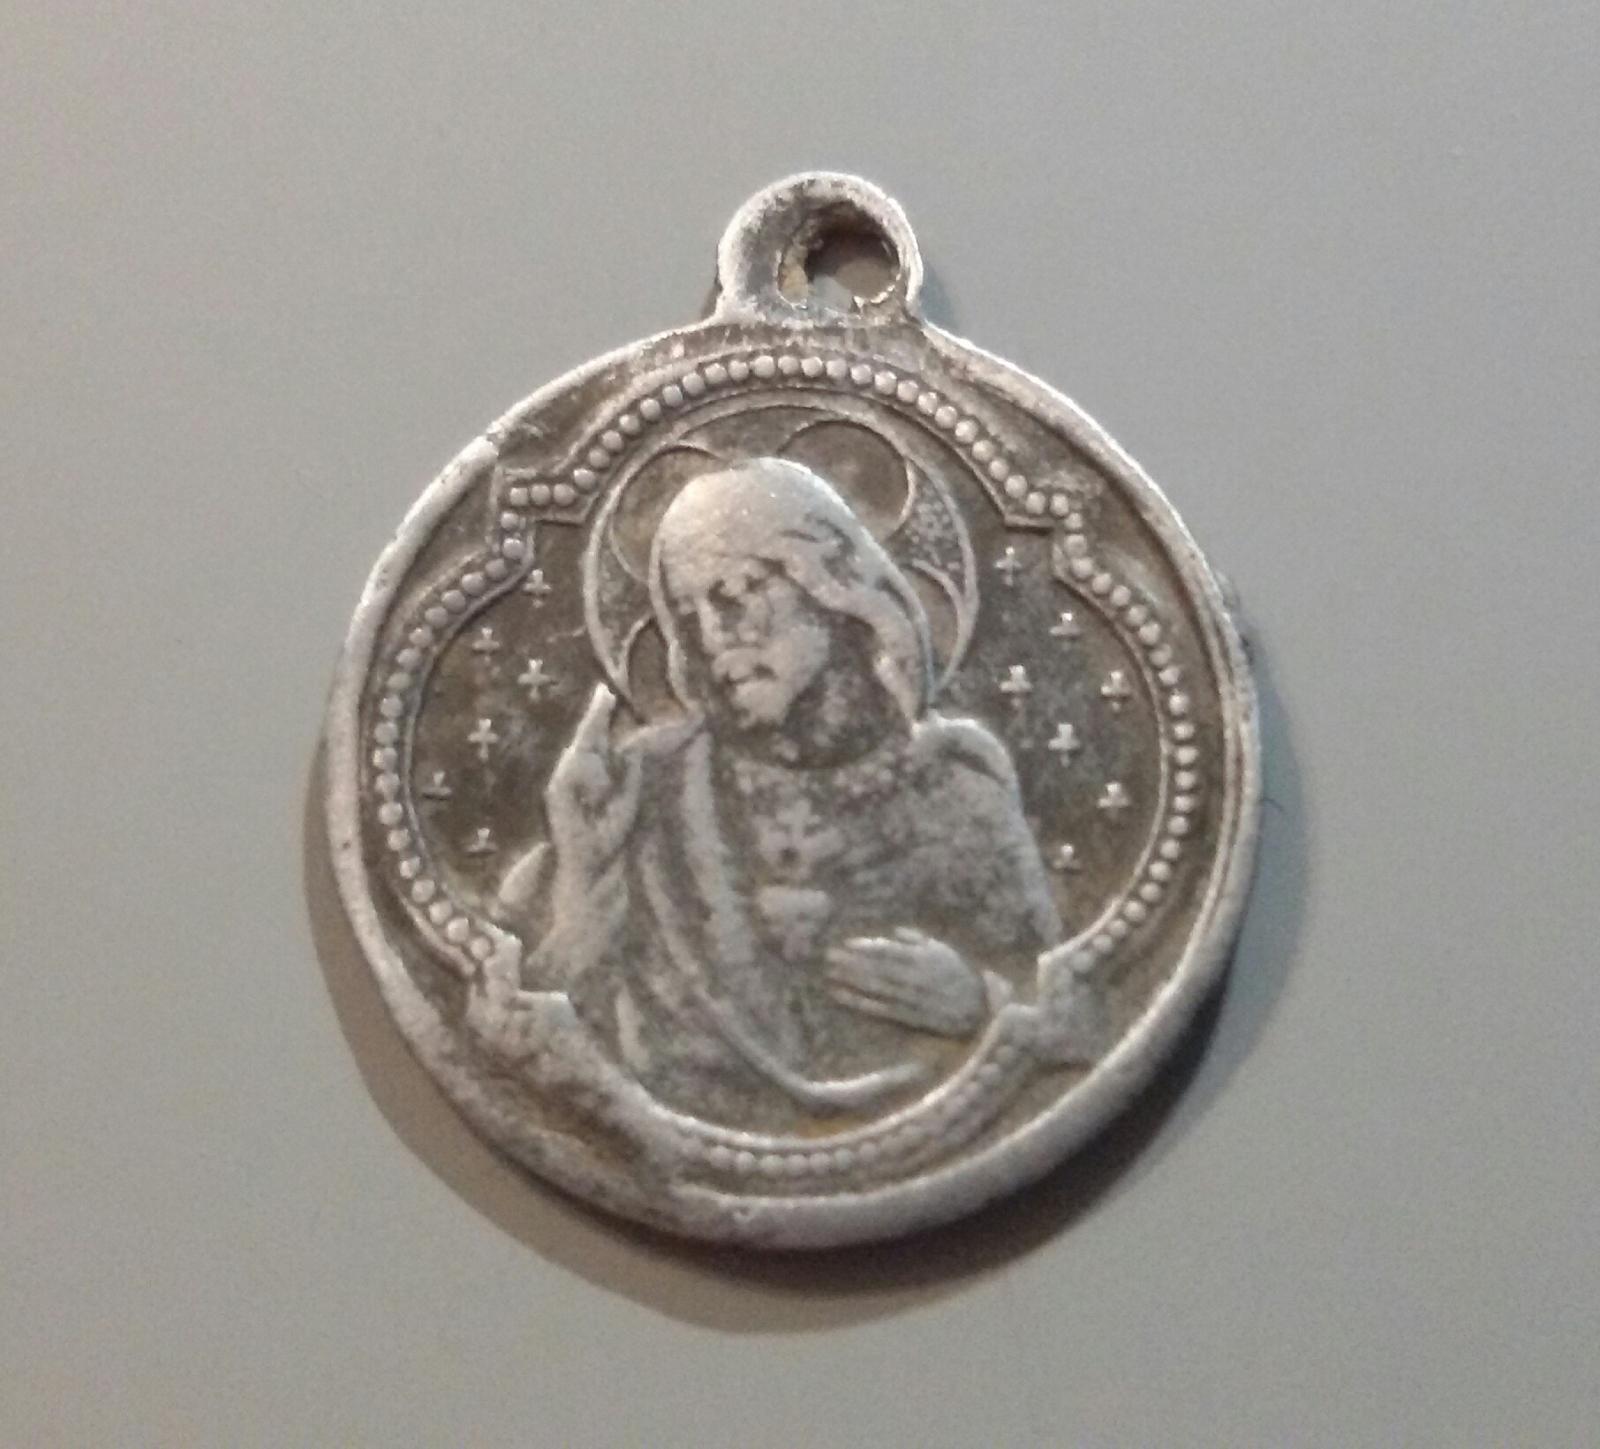 medalla del Sgdo. Corazón de Jesús / Sgdo. Corazón de María - s. XX W9xyd4